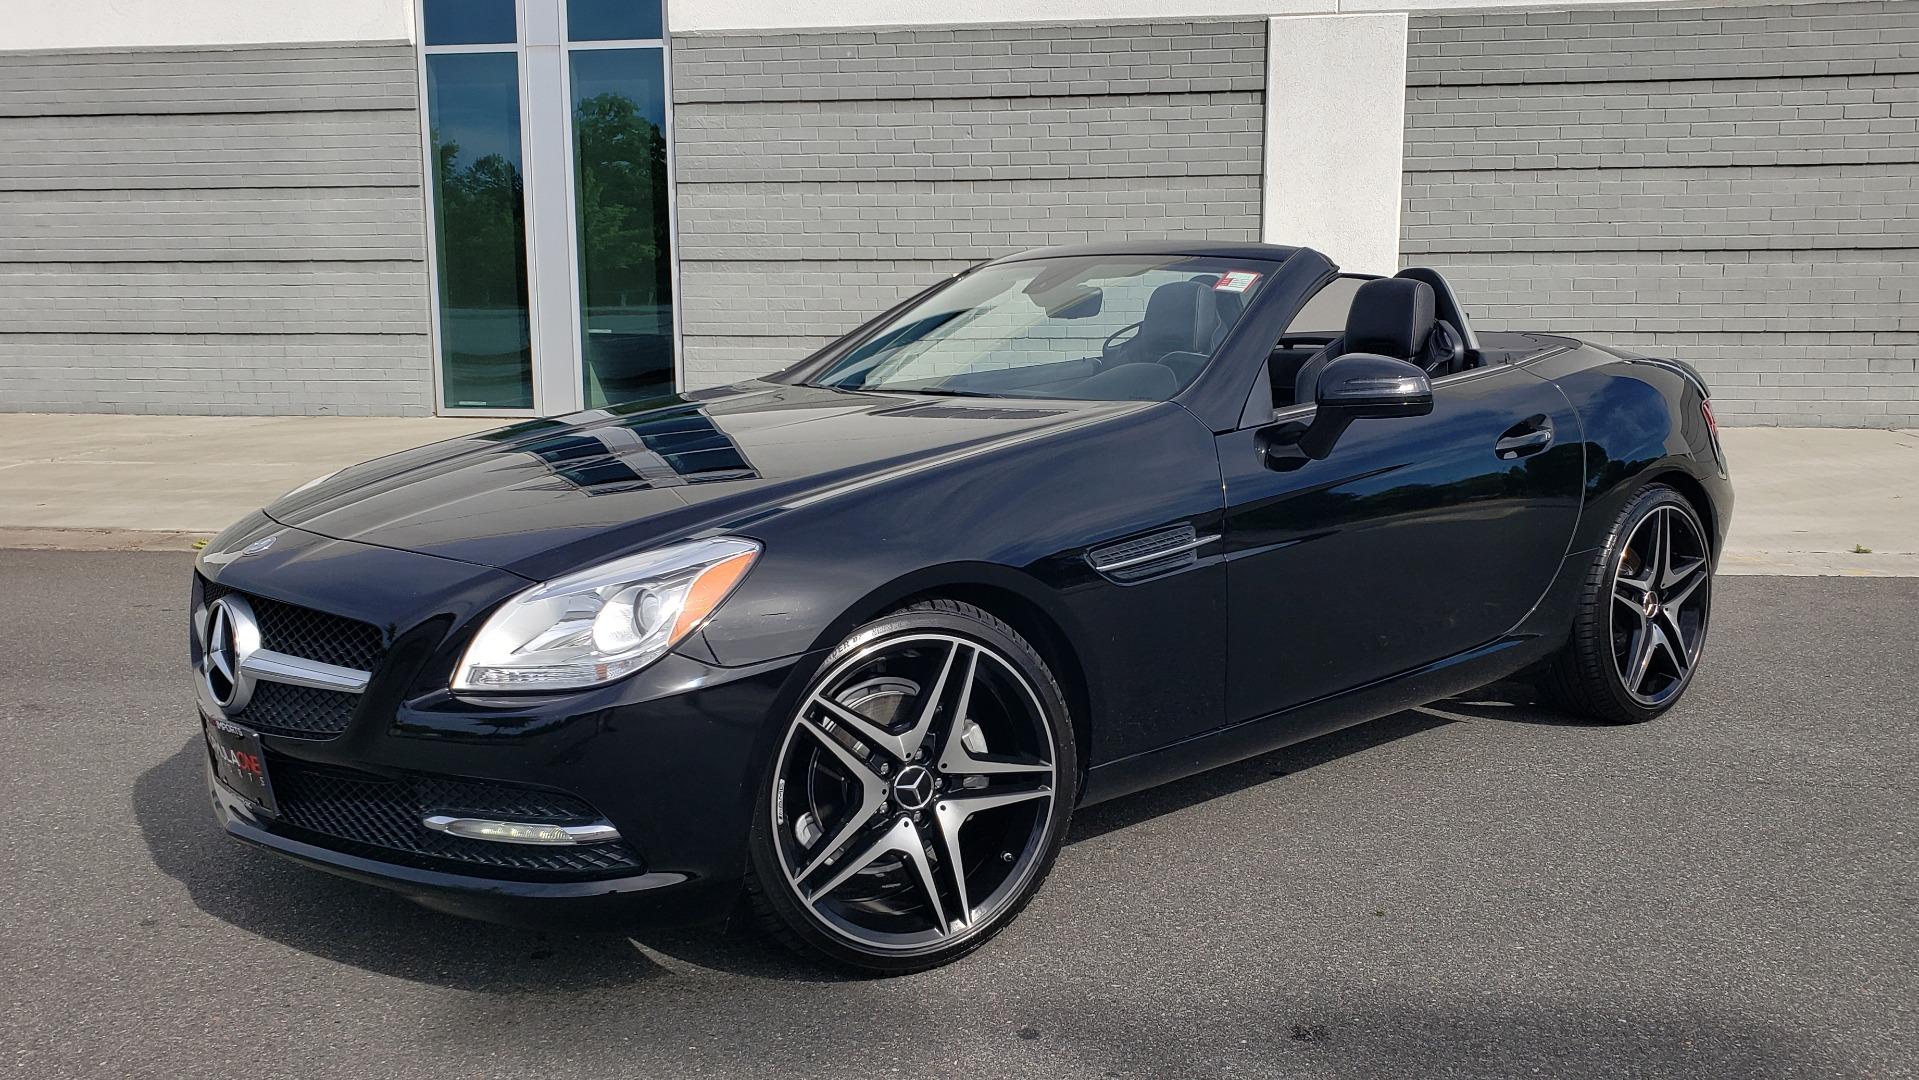 Used 2012 Mercedes-Benz SLK-CLASS SLK 250 ROADSTER / PREM 1 PKG / COMAND LAUNCH PKG / 7-SPD AUTO for sale $24,995 at Formula Imports in Charlotte NC 28227 1